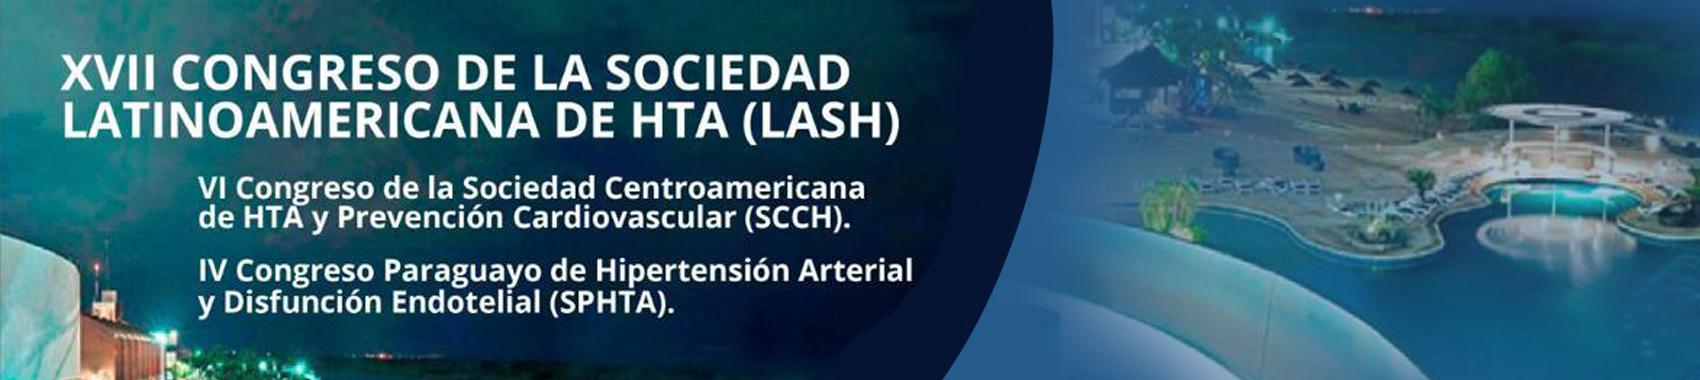 XVII CONGRESO DE LA SOCIEDAD LATINOAMERICANA DE HTA (LASH)